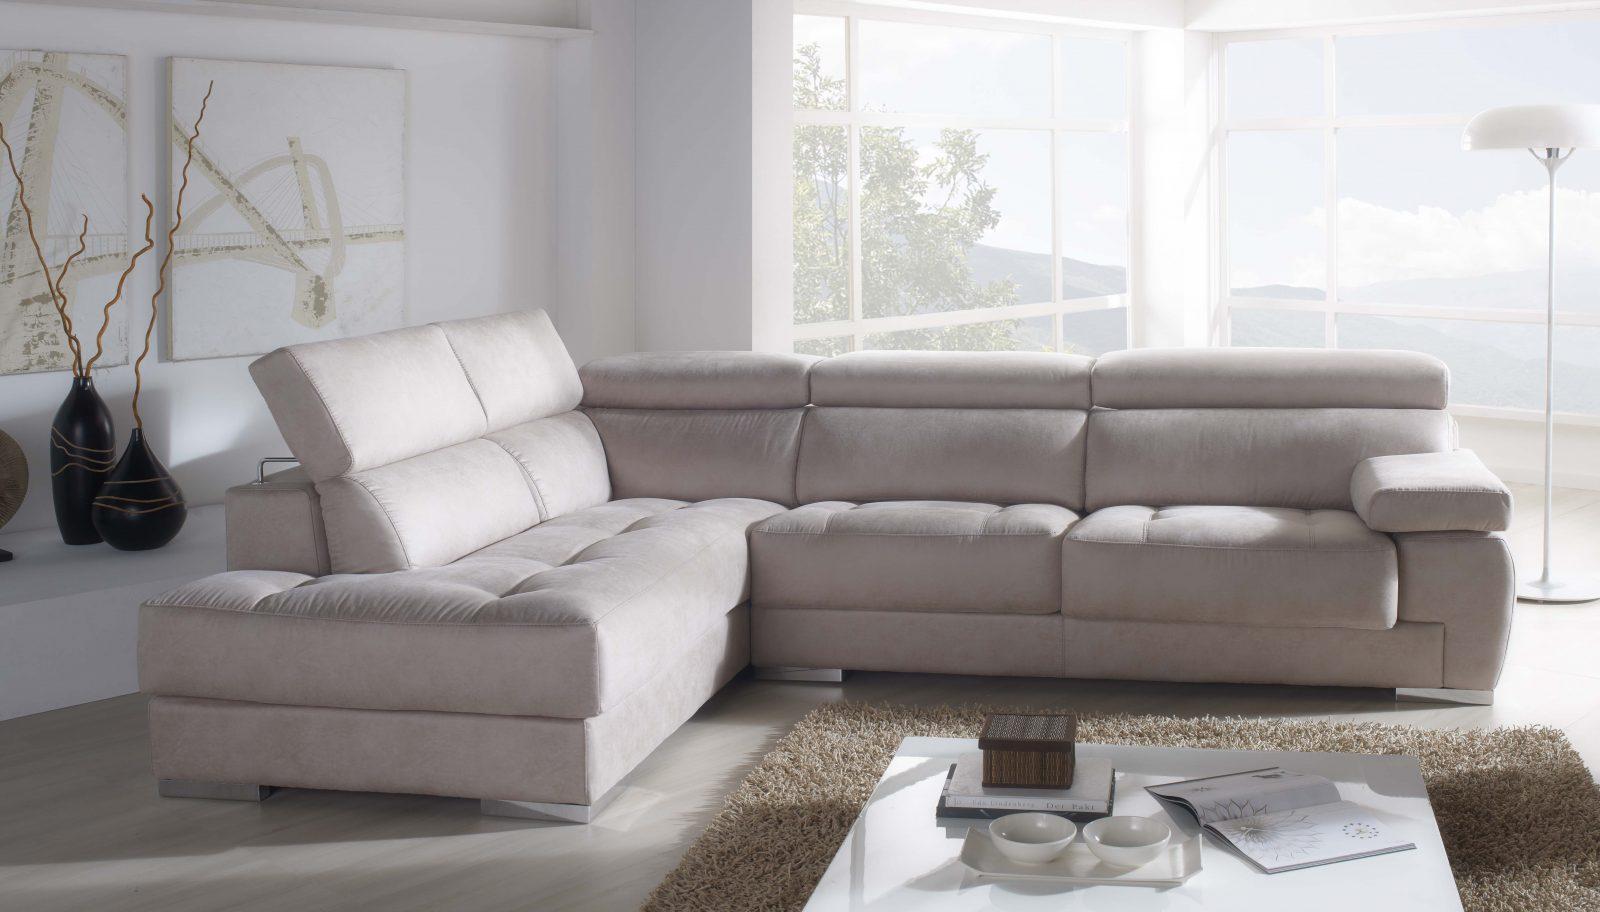 Sof tokyo mobiliario hd for Marcas de sofas buenos